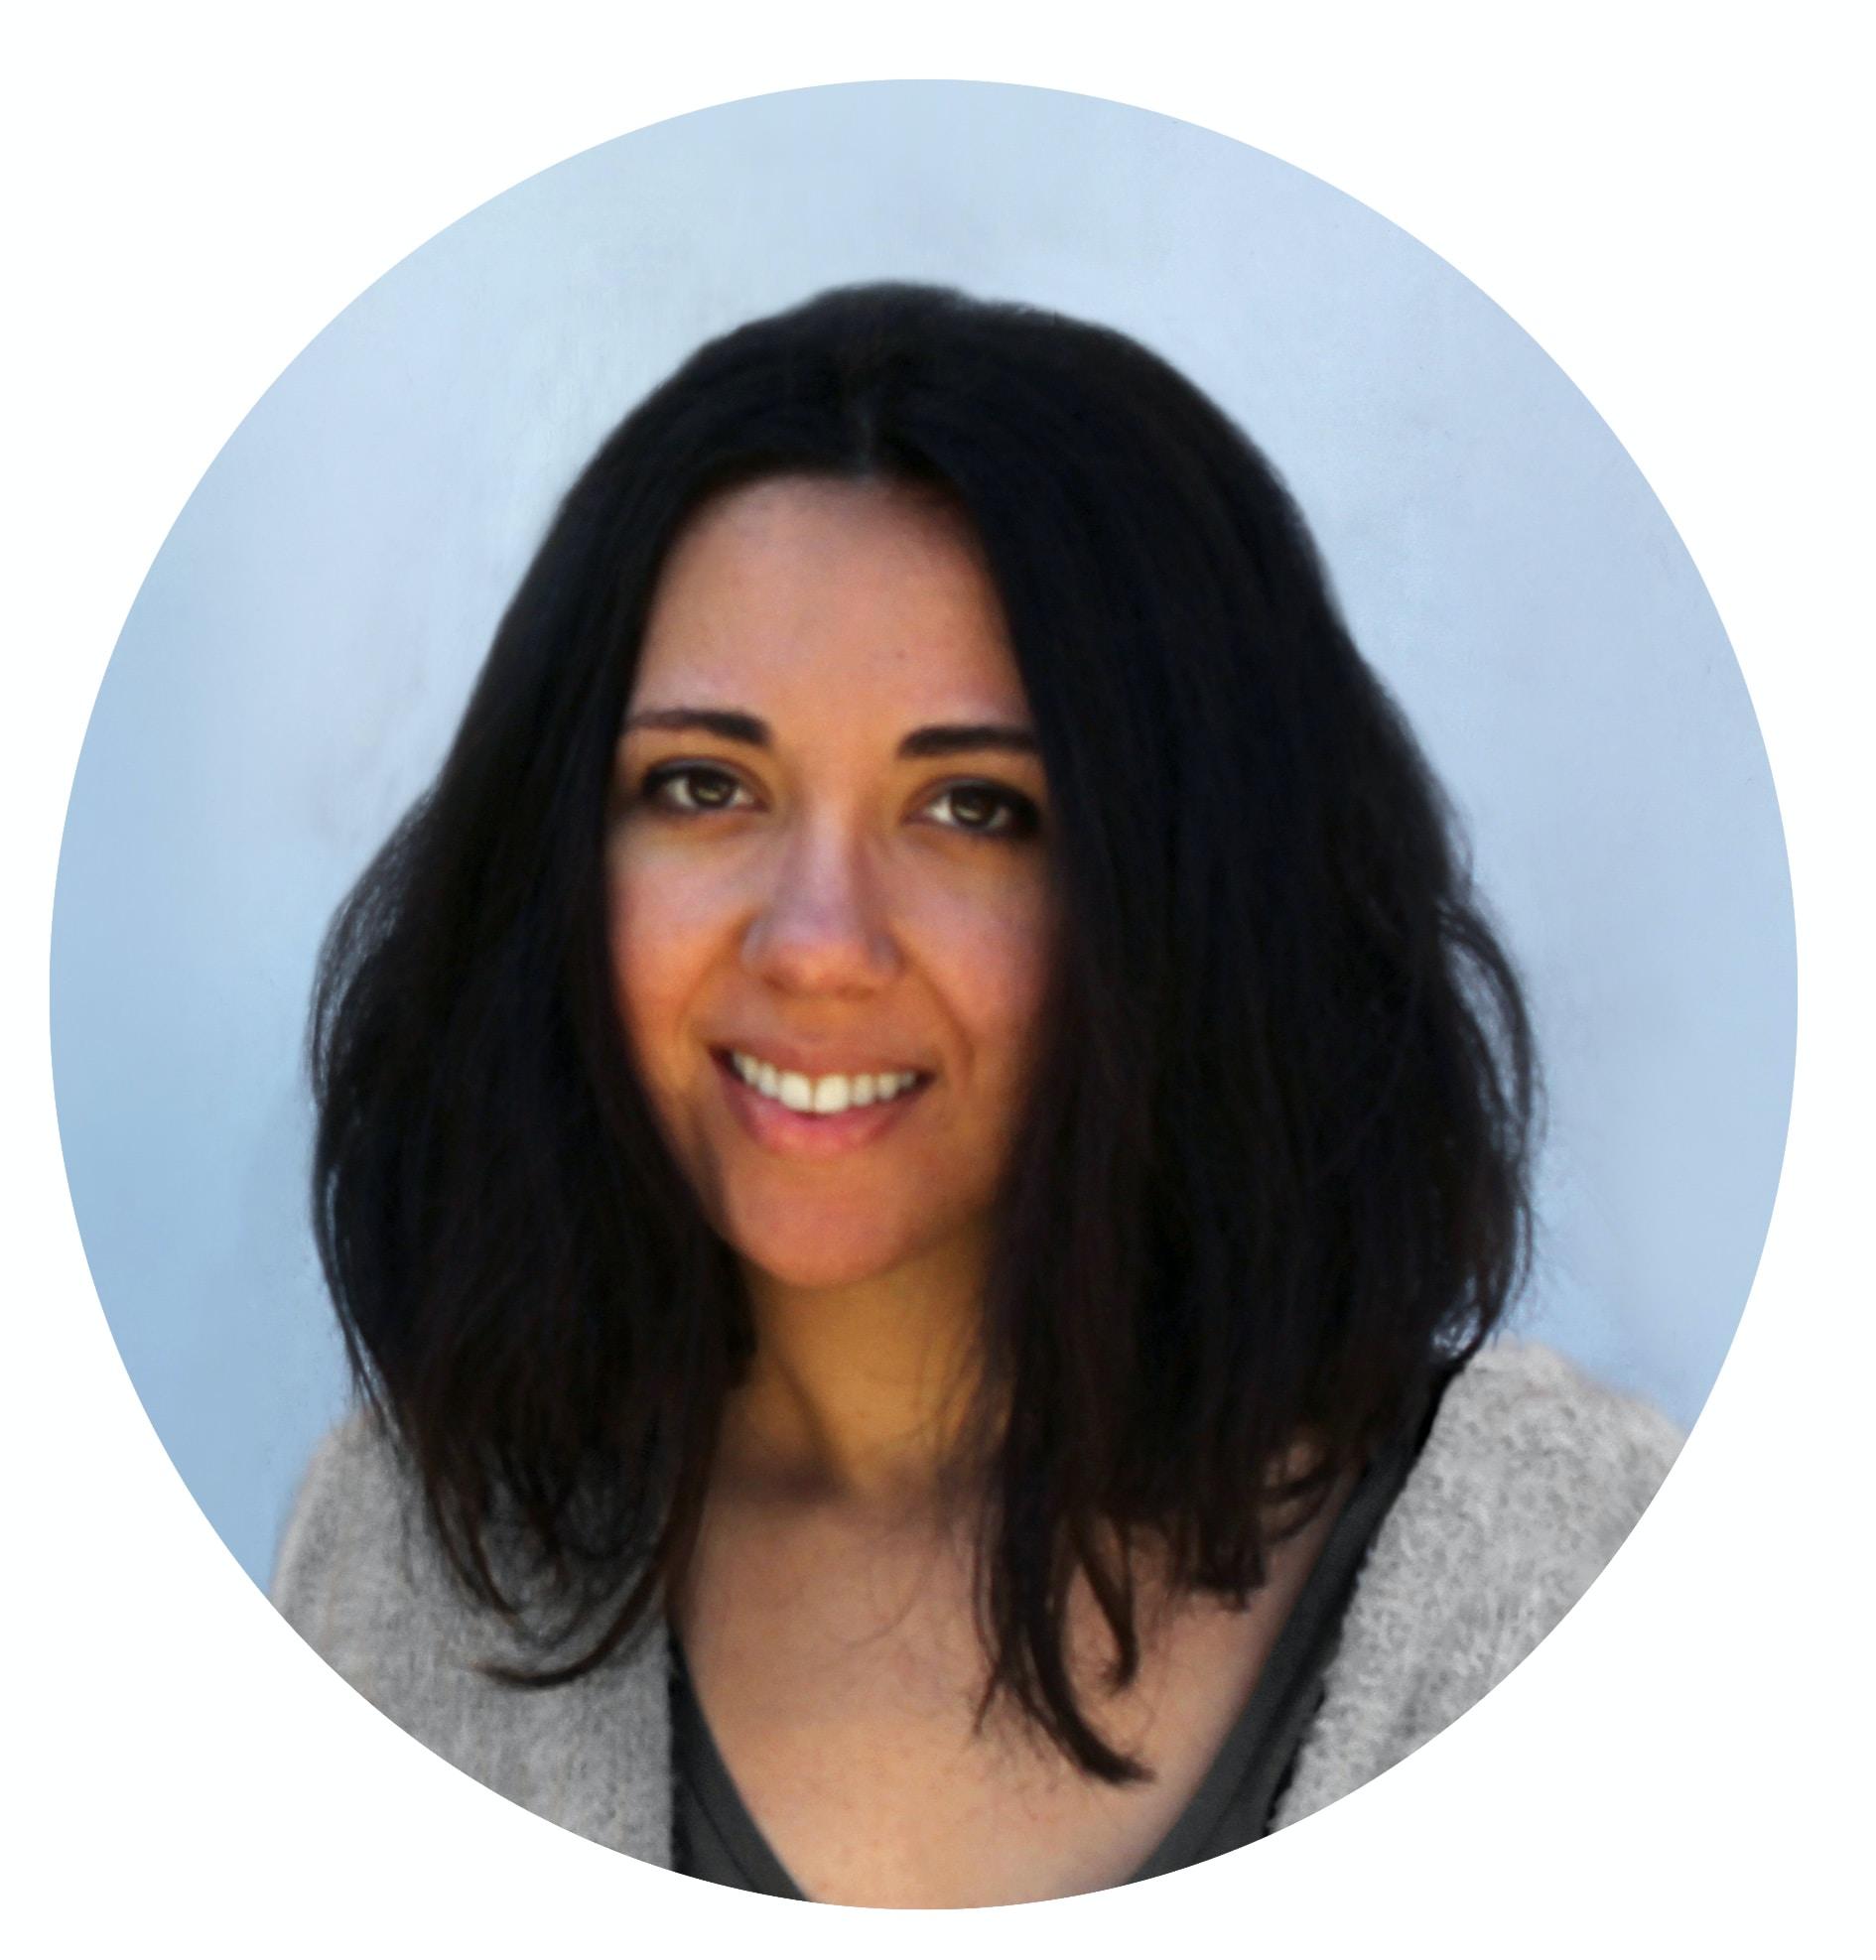 Avatar of user Ana Cruz